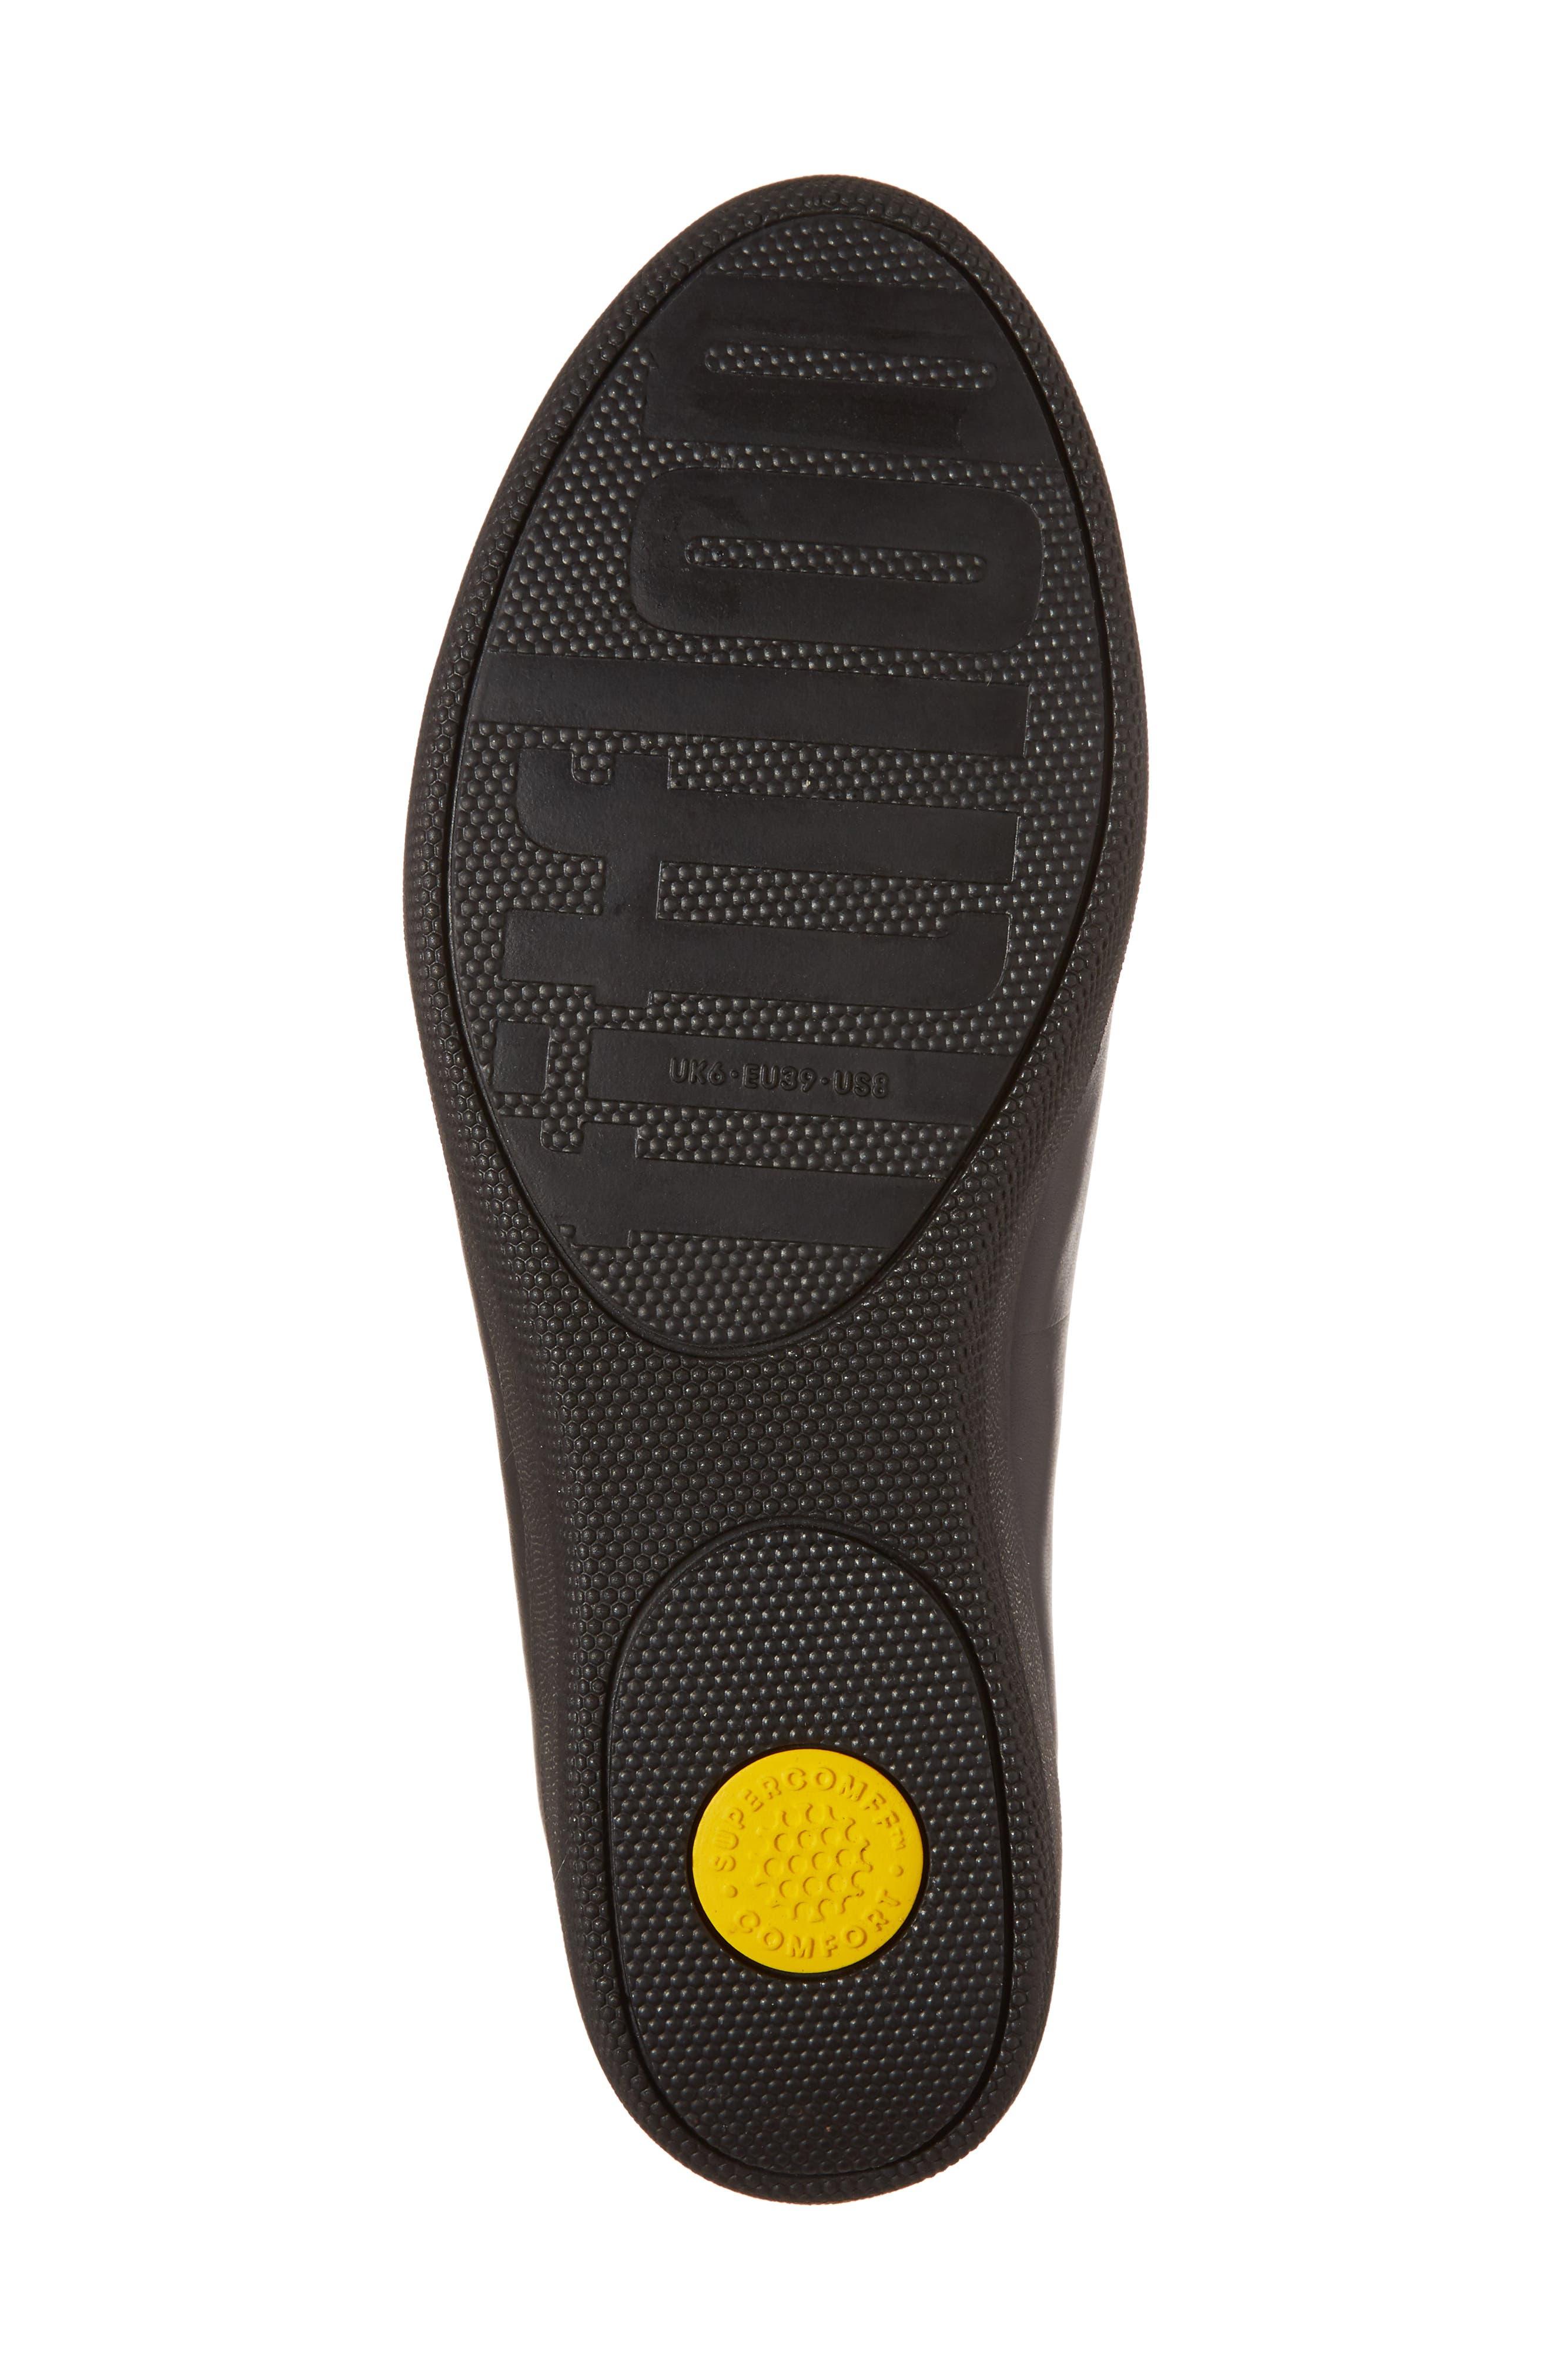 Superskate Slip-On Sneaker,                             Alternate thumbnail 6, color,                             004